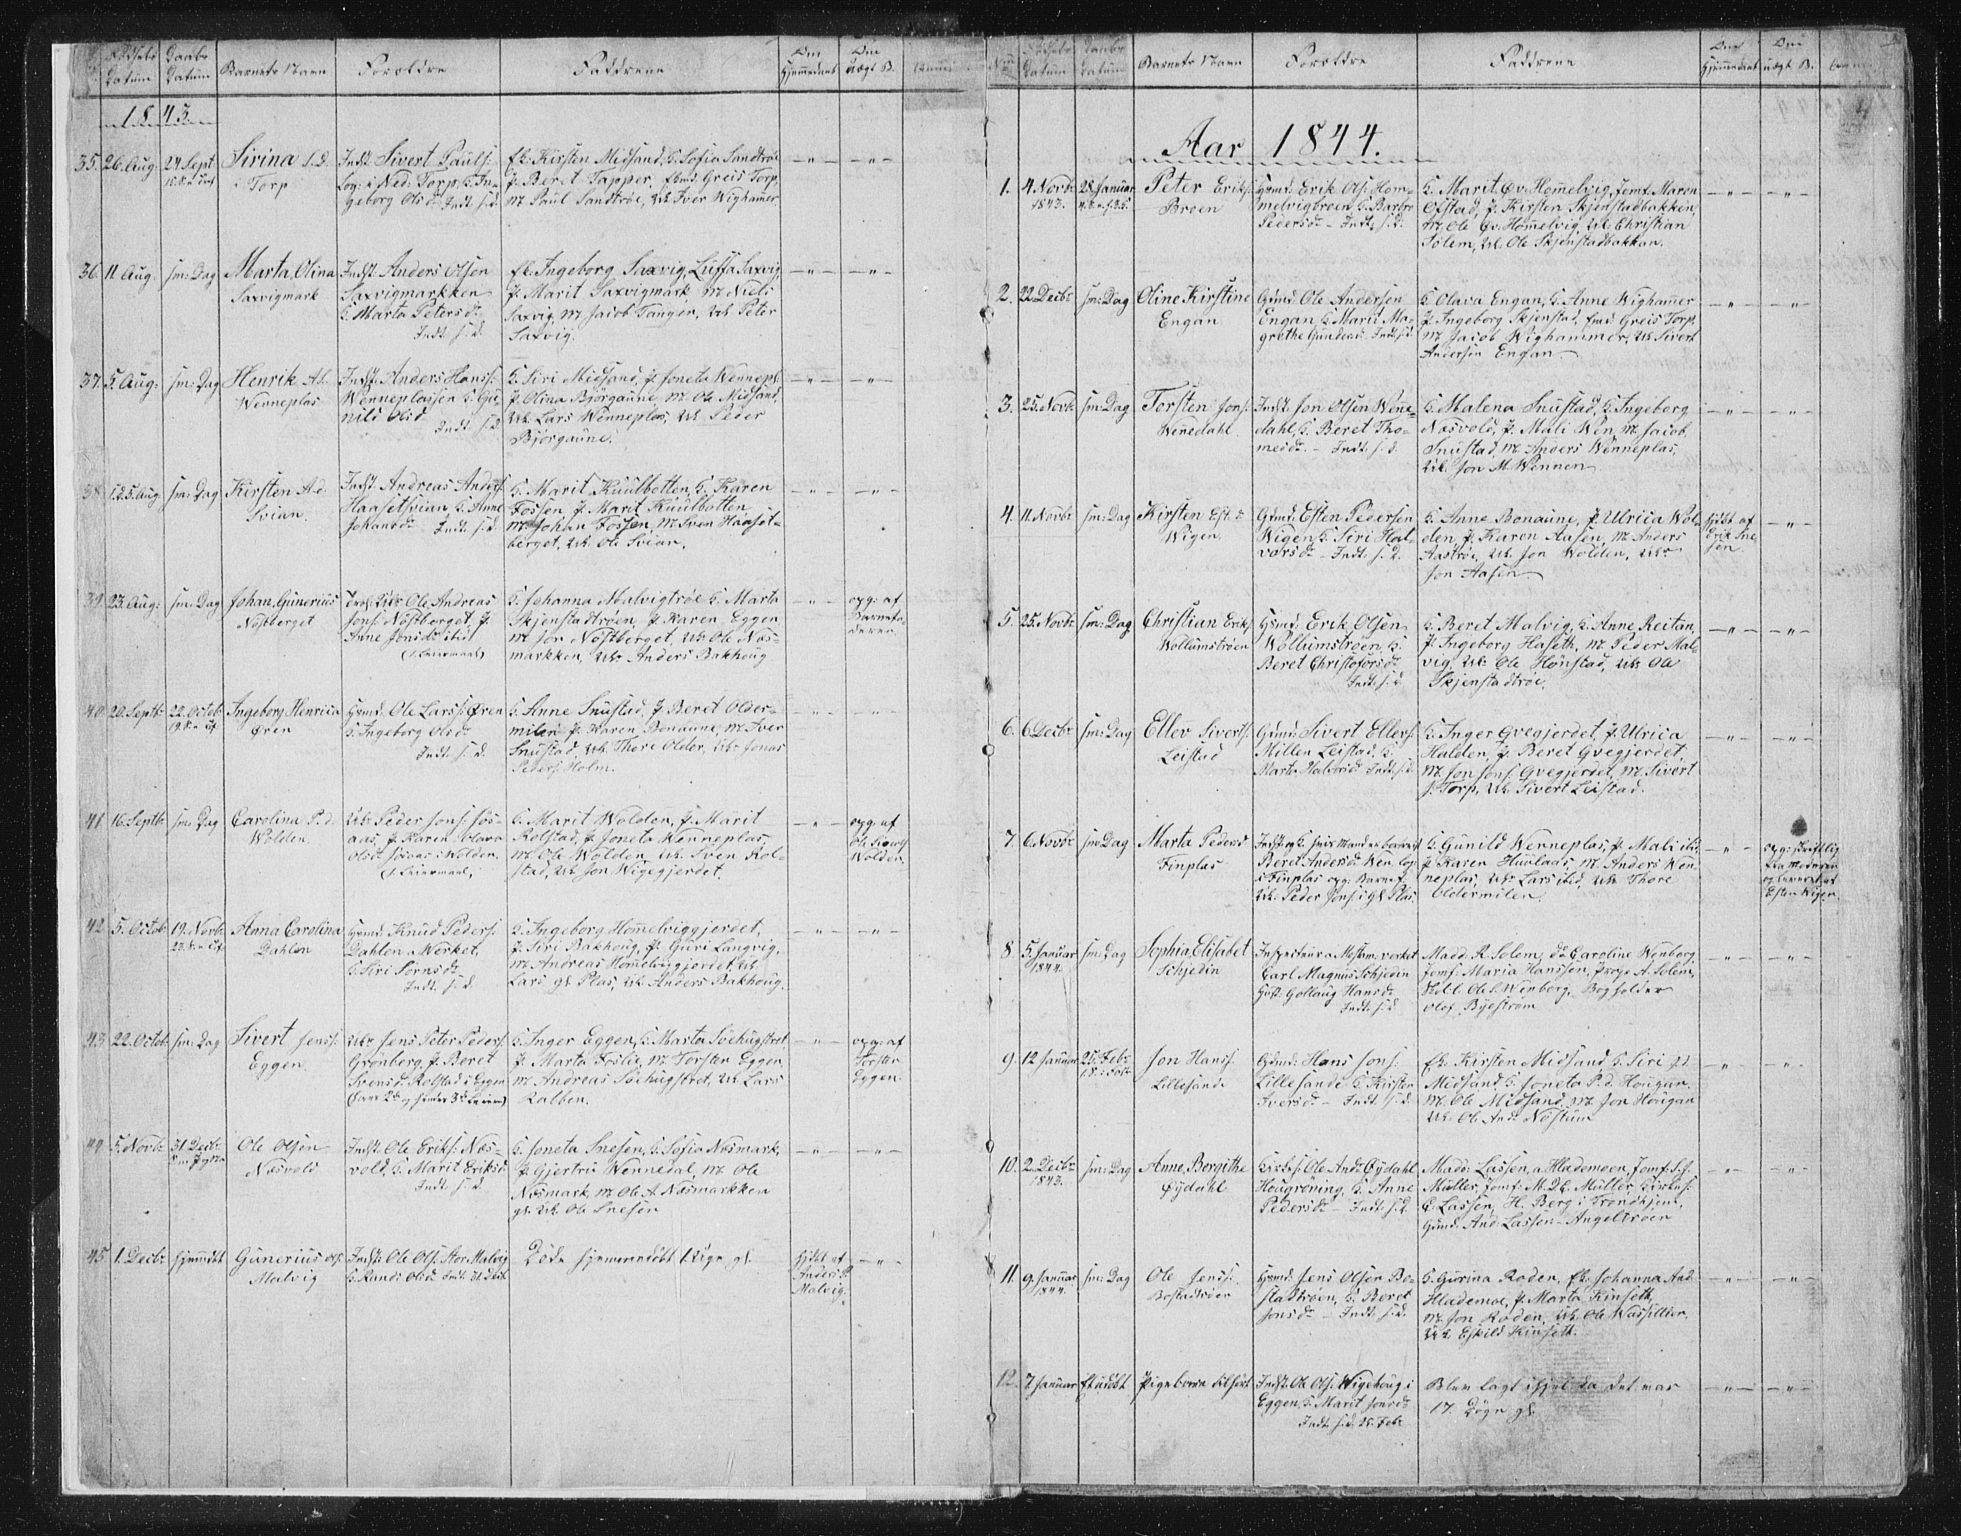 SAT, Ministerialprotokoller, klokkerbøker og fødselsregistre - Sør-Trøndelag, 616/L0406: Ministerialbok nr. 616A03, 1843-1879, s. 4